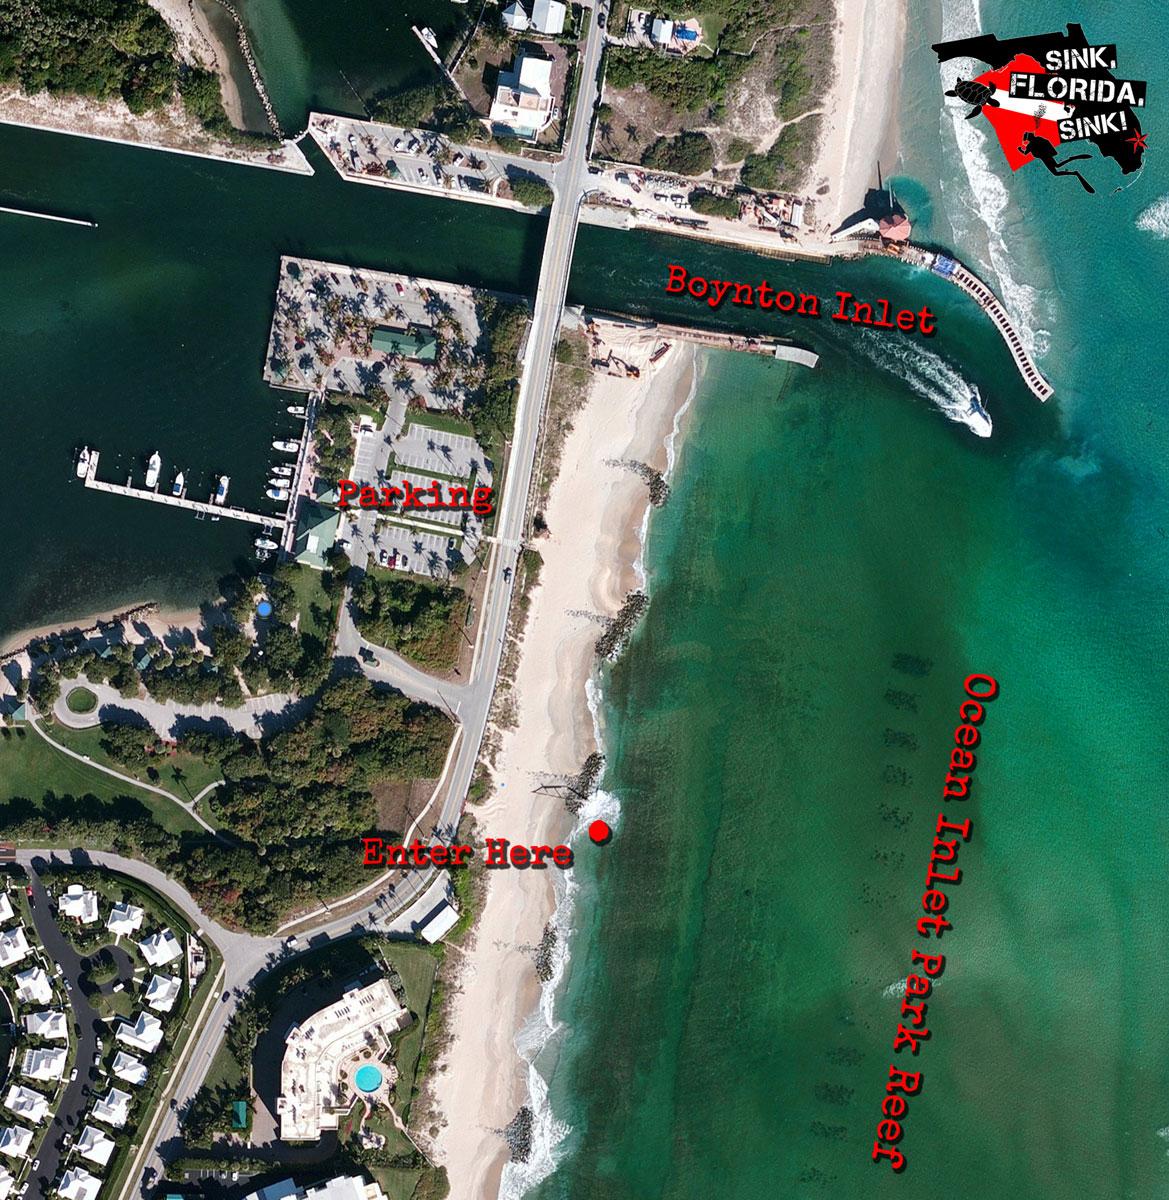 Ocean Inlet Park | Boynton Beach Dive Site - Inlet Beach Florida Map